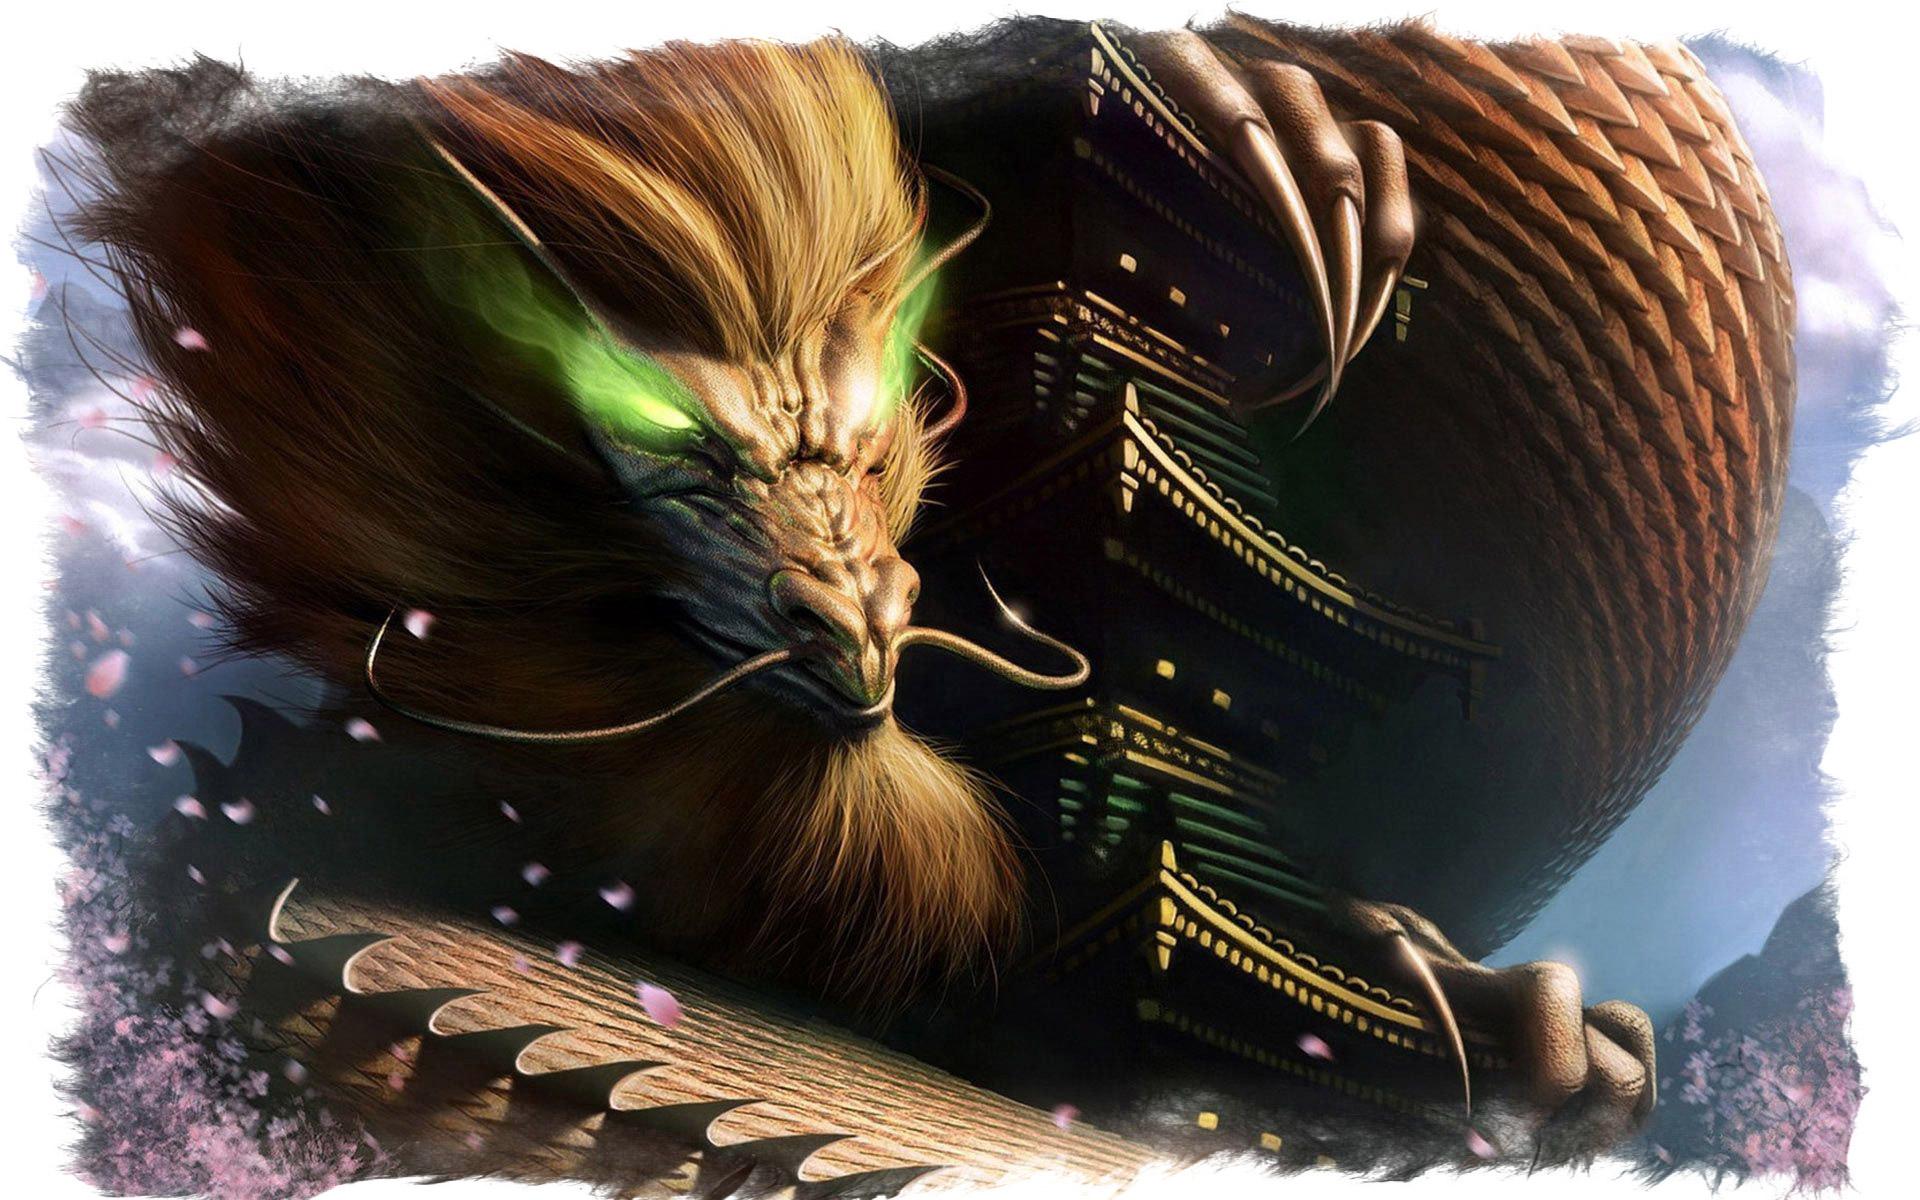 Как выглядит мифическое существо китайский дракон